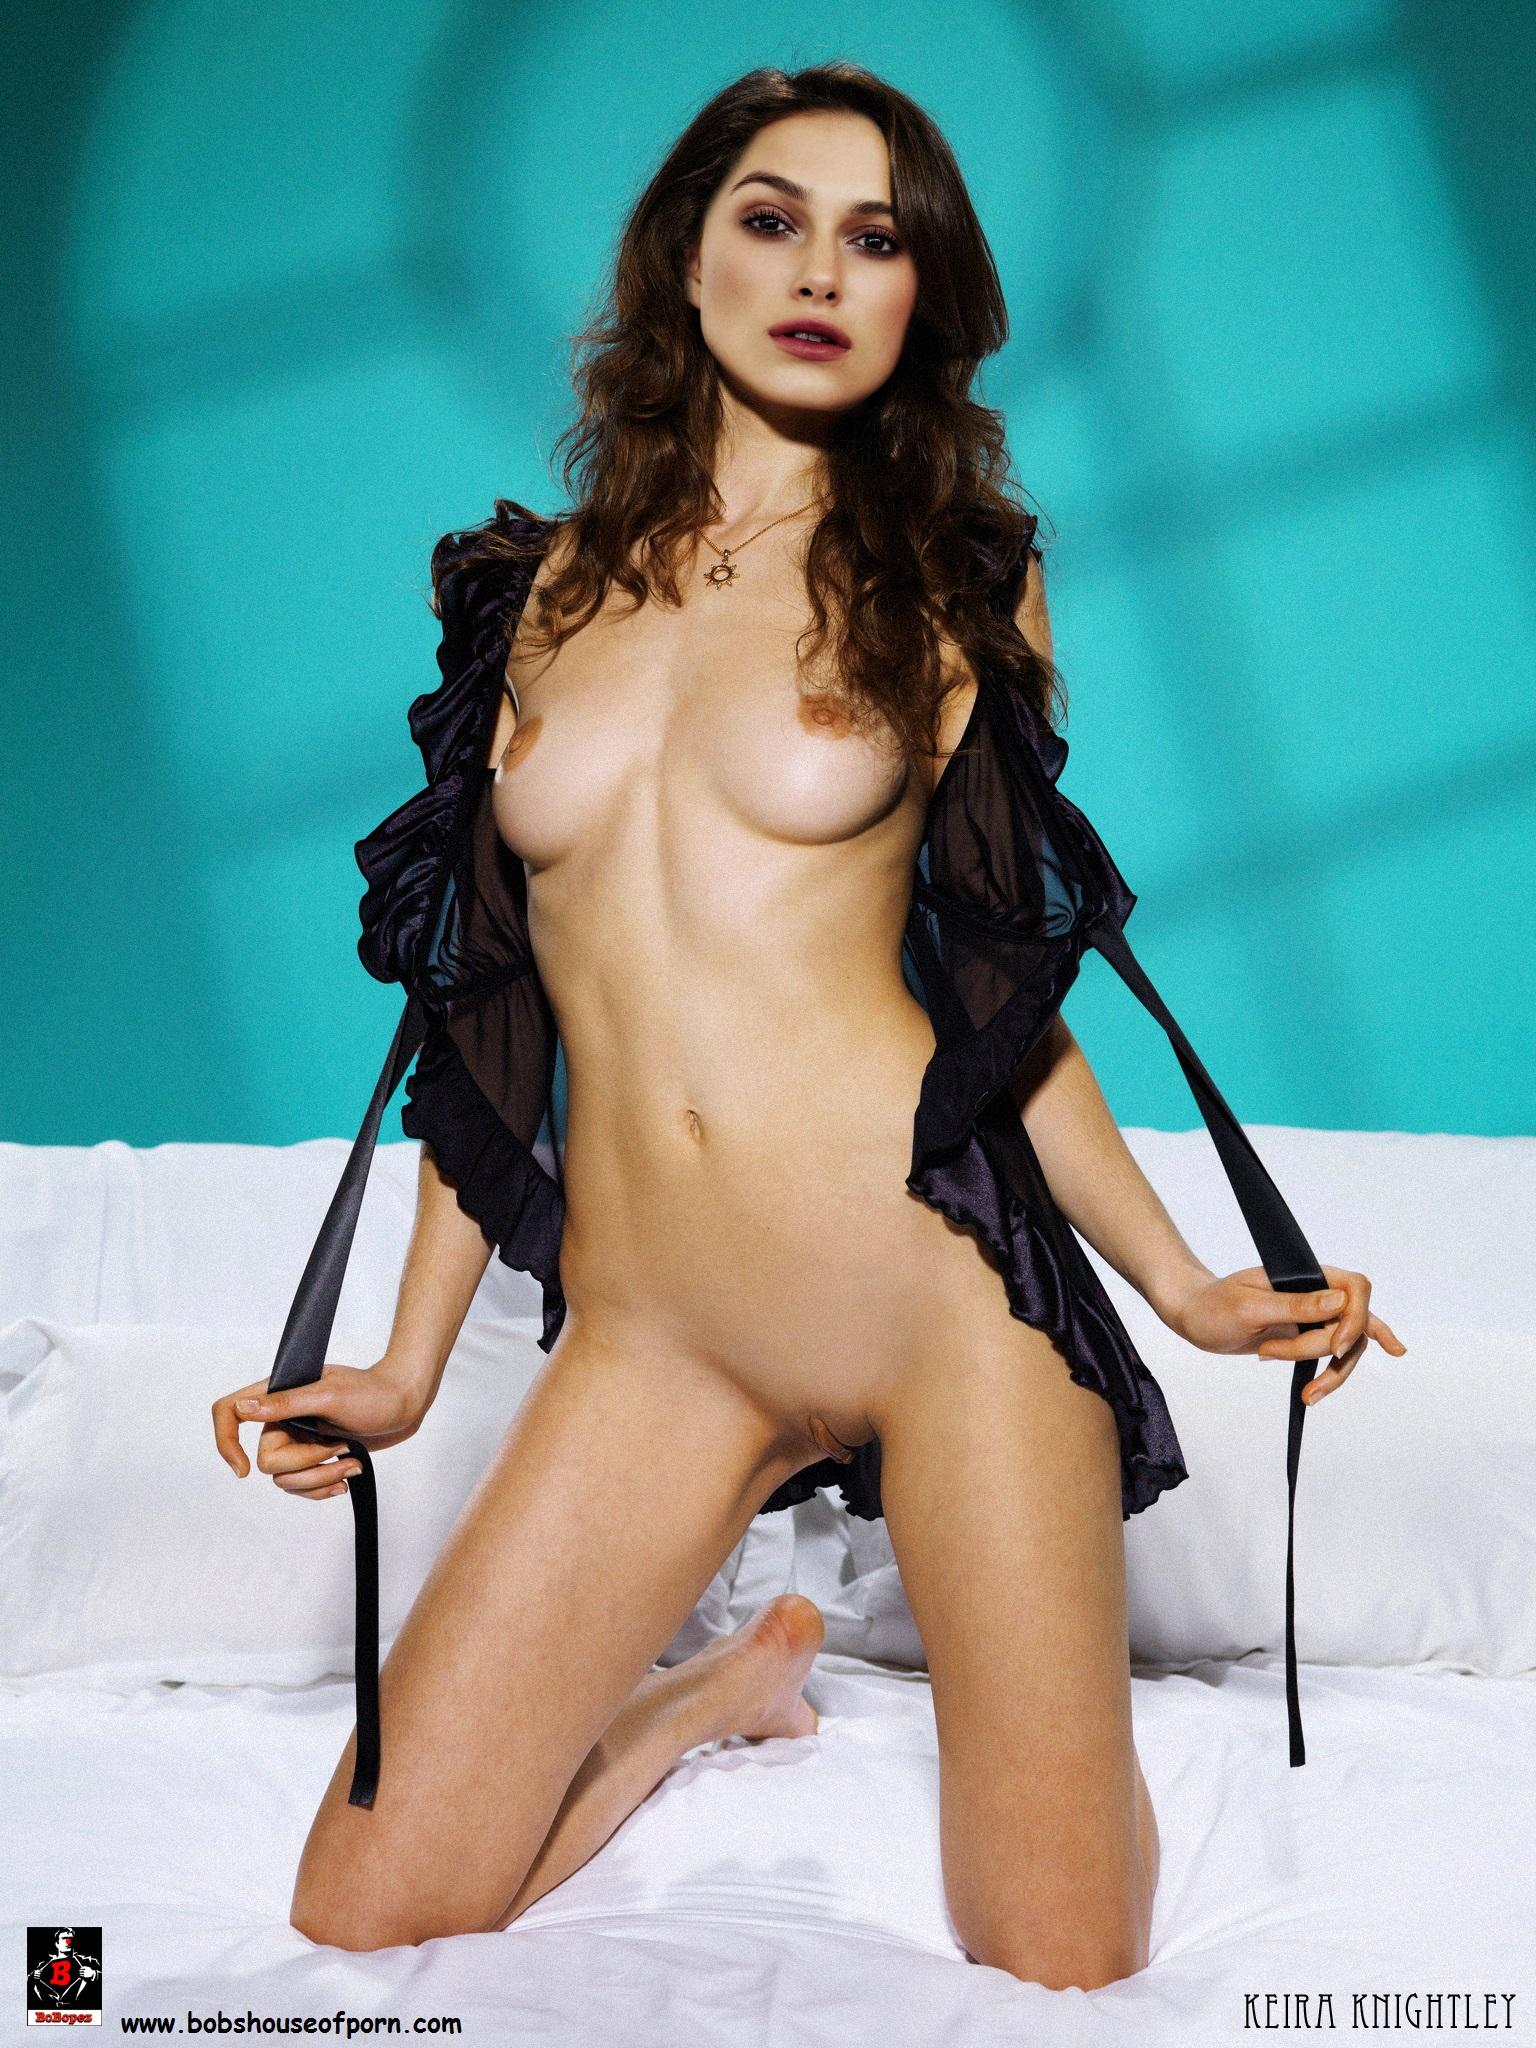 Nude Kerria Nightly Portman Nude Pic